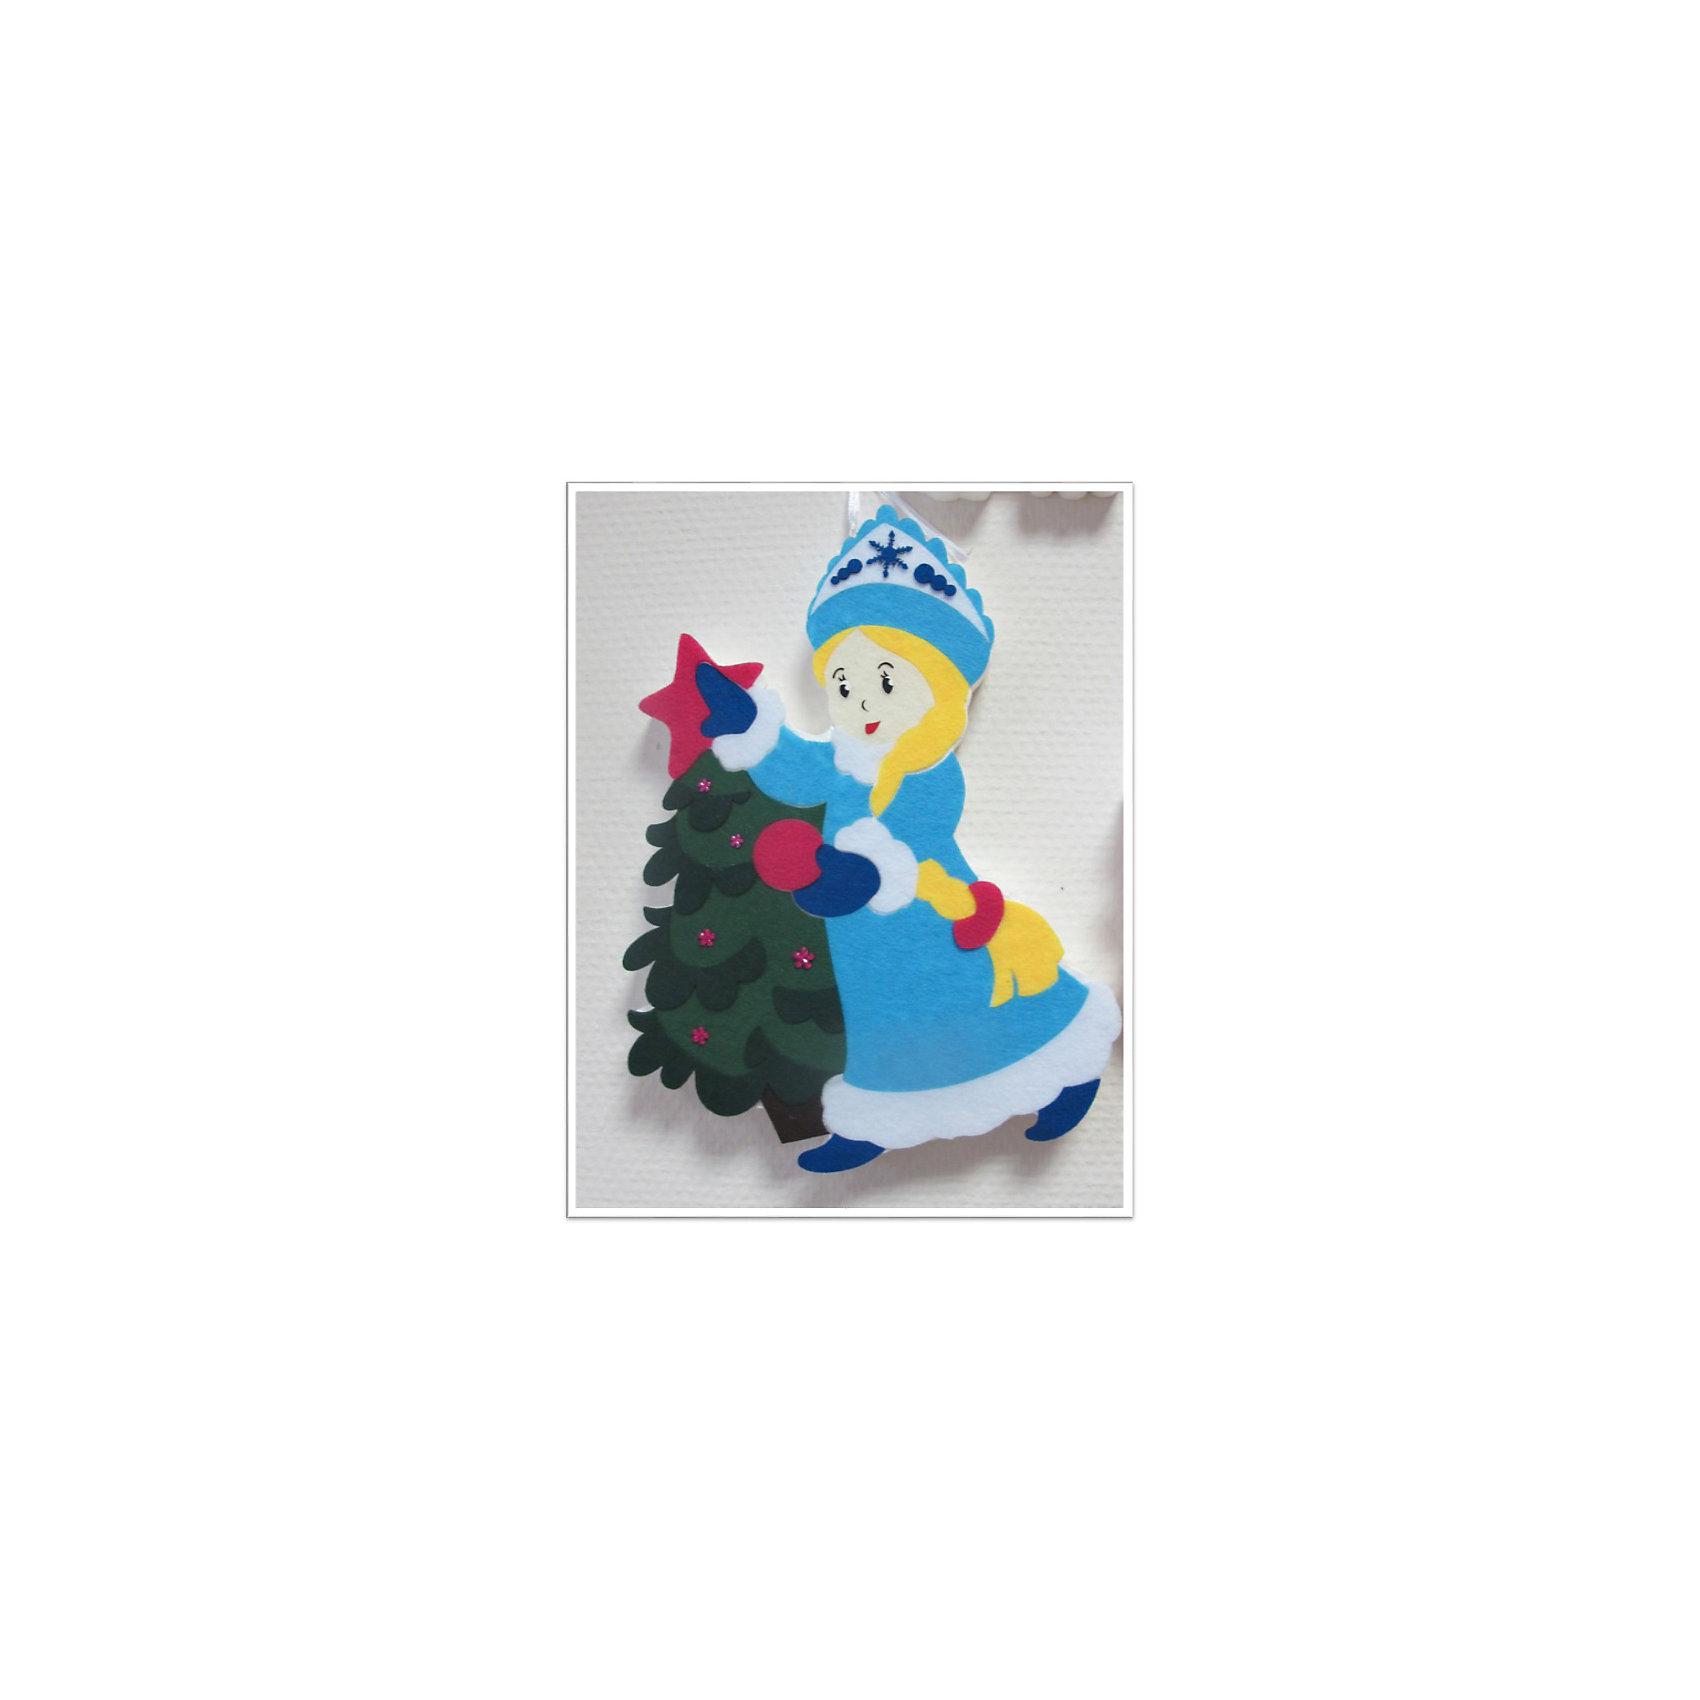 CENTRUM Набор для детского творчества Снегурочка из фетра, высота 30 см набор для детского творчества набор веселая кондитерская 1 кг